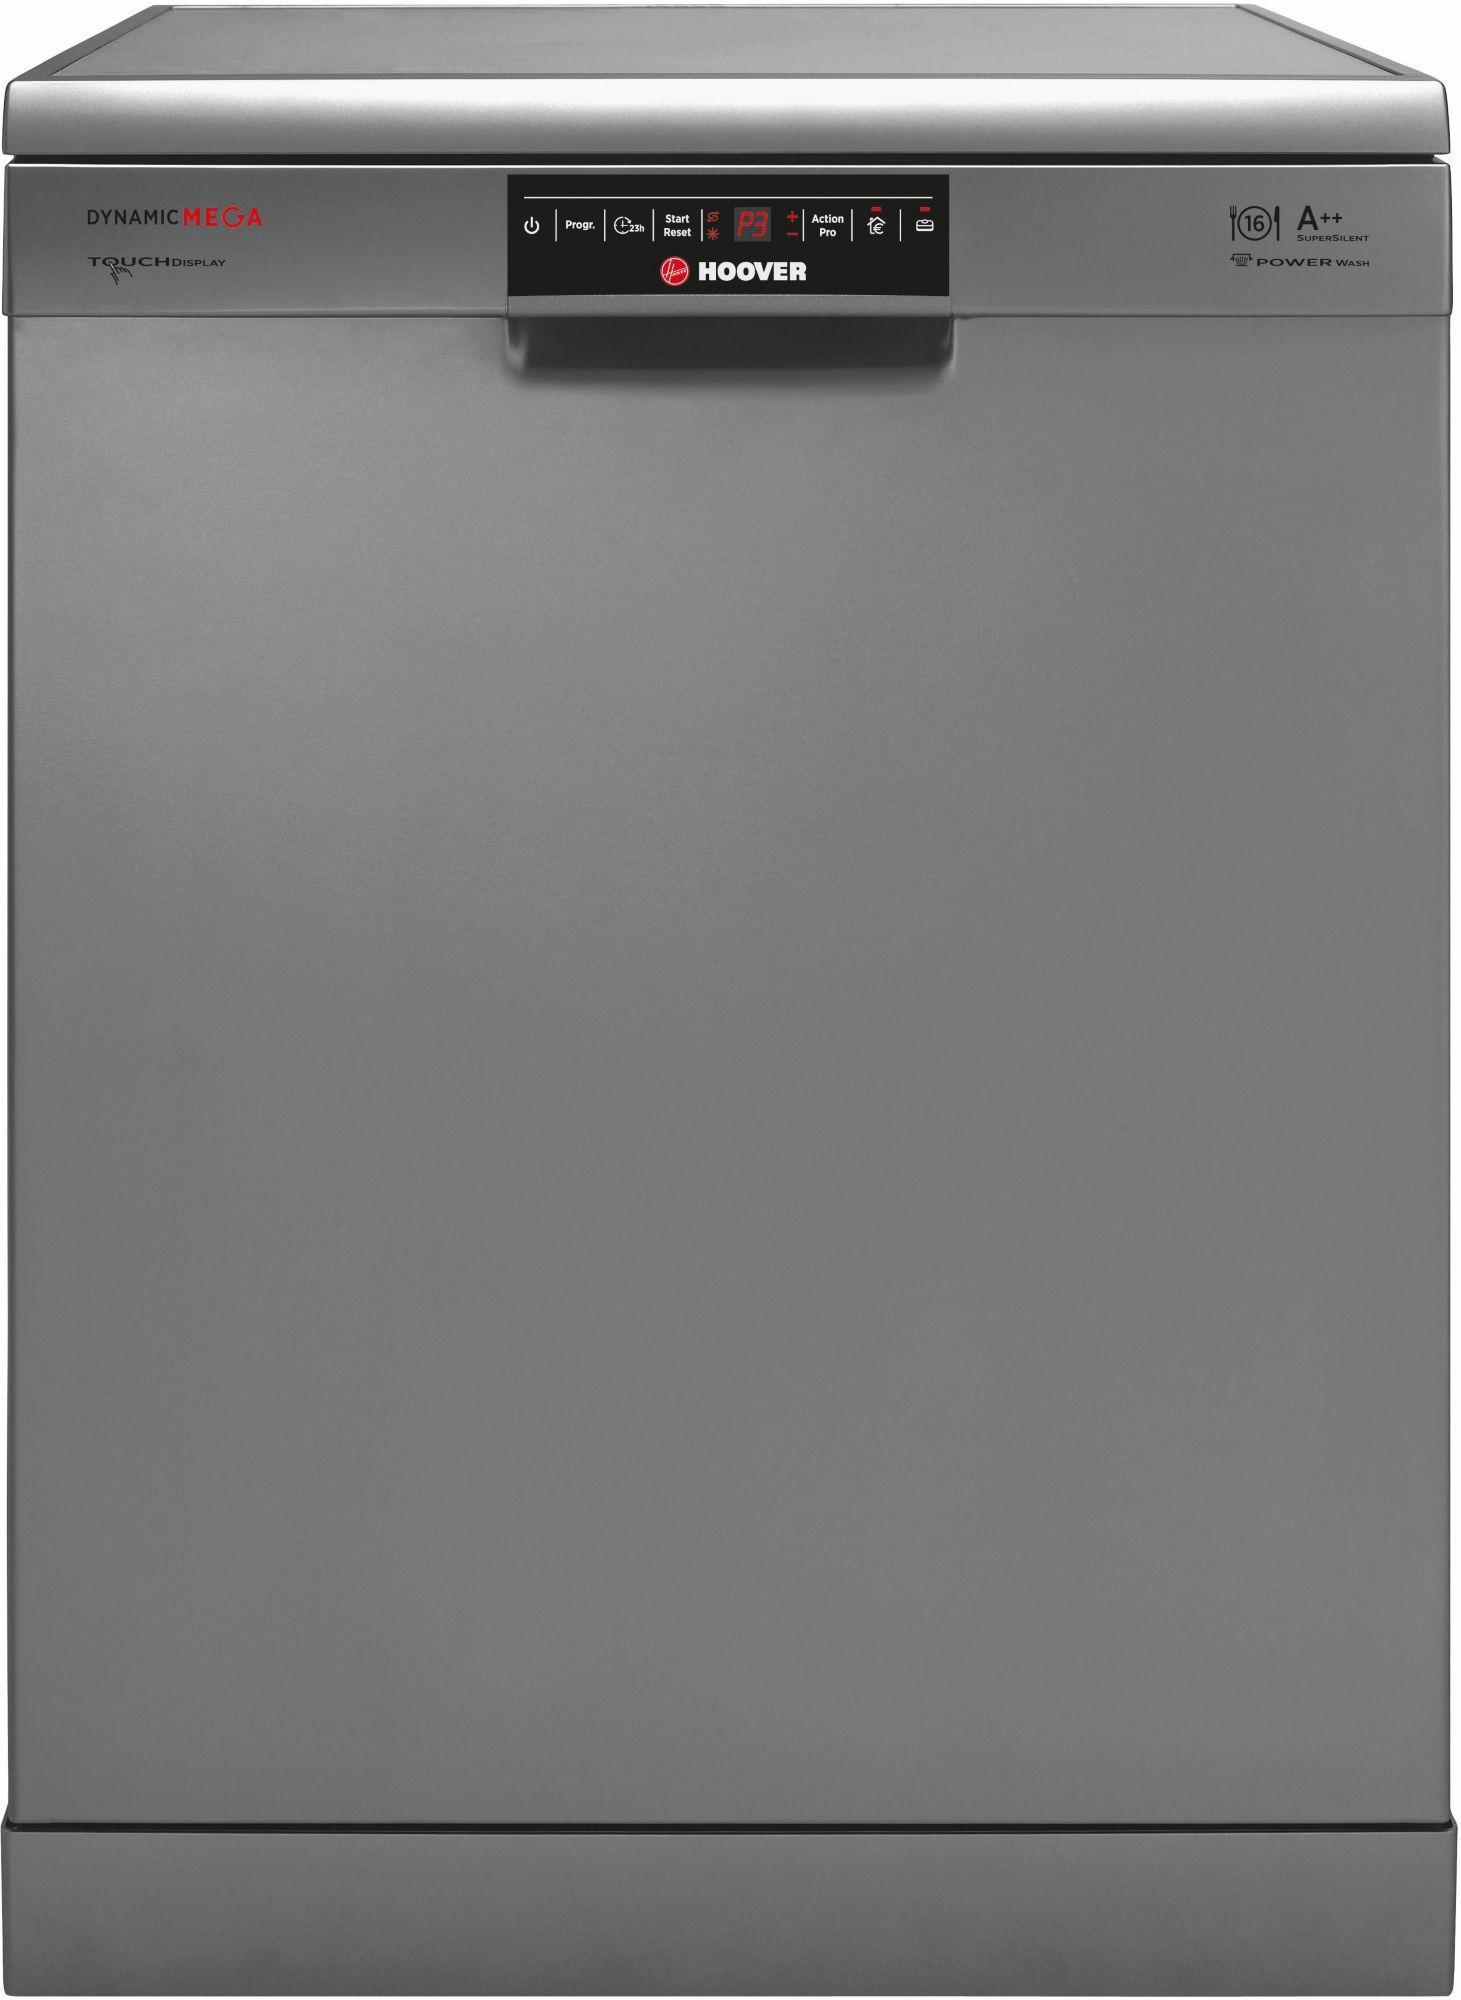 HOOVER Hoover Geschirrspüler DYM 862X/T, A++, 10 Liter, 16 Maßgedecke